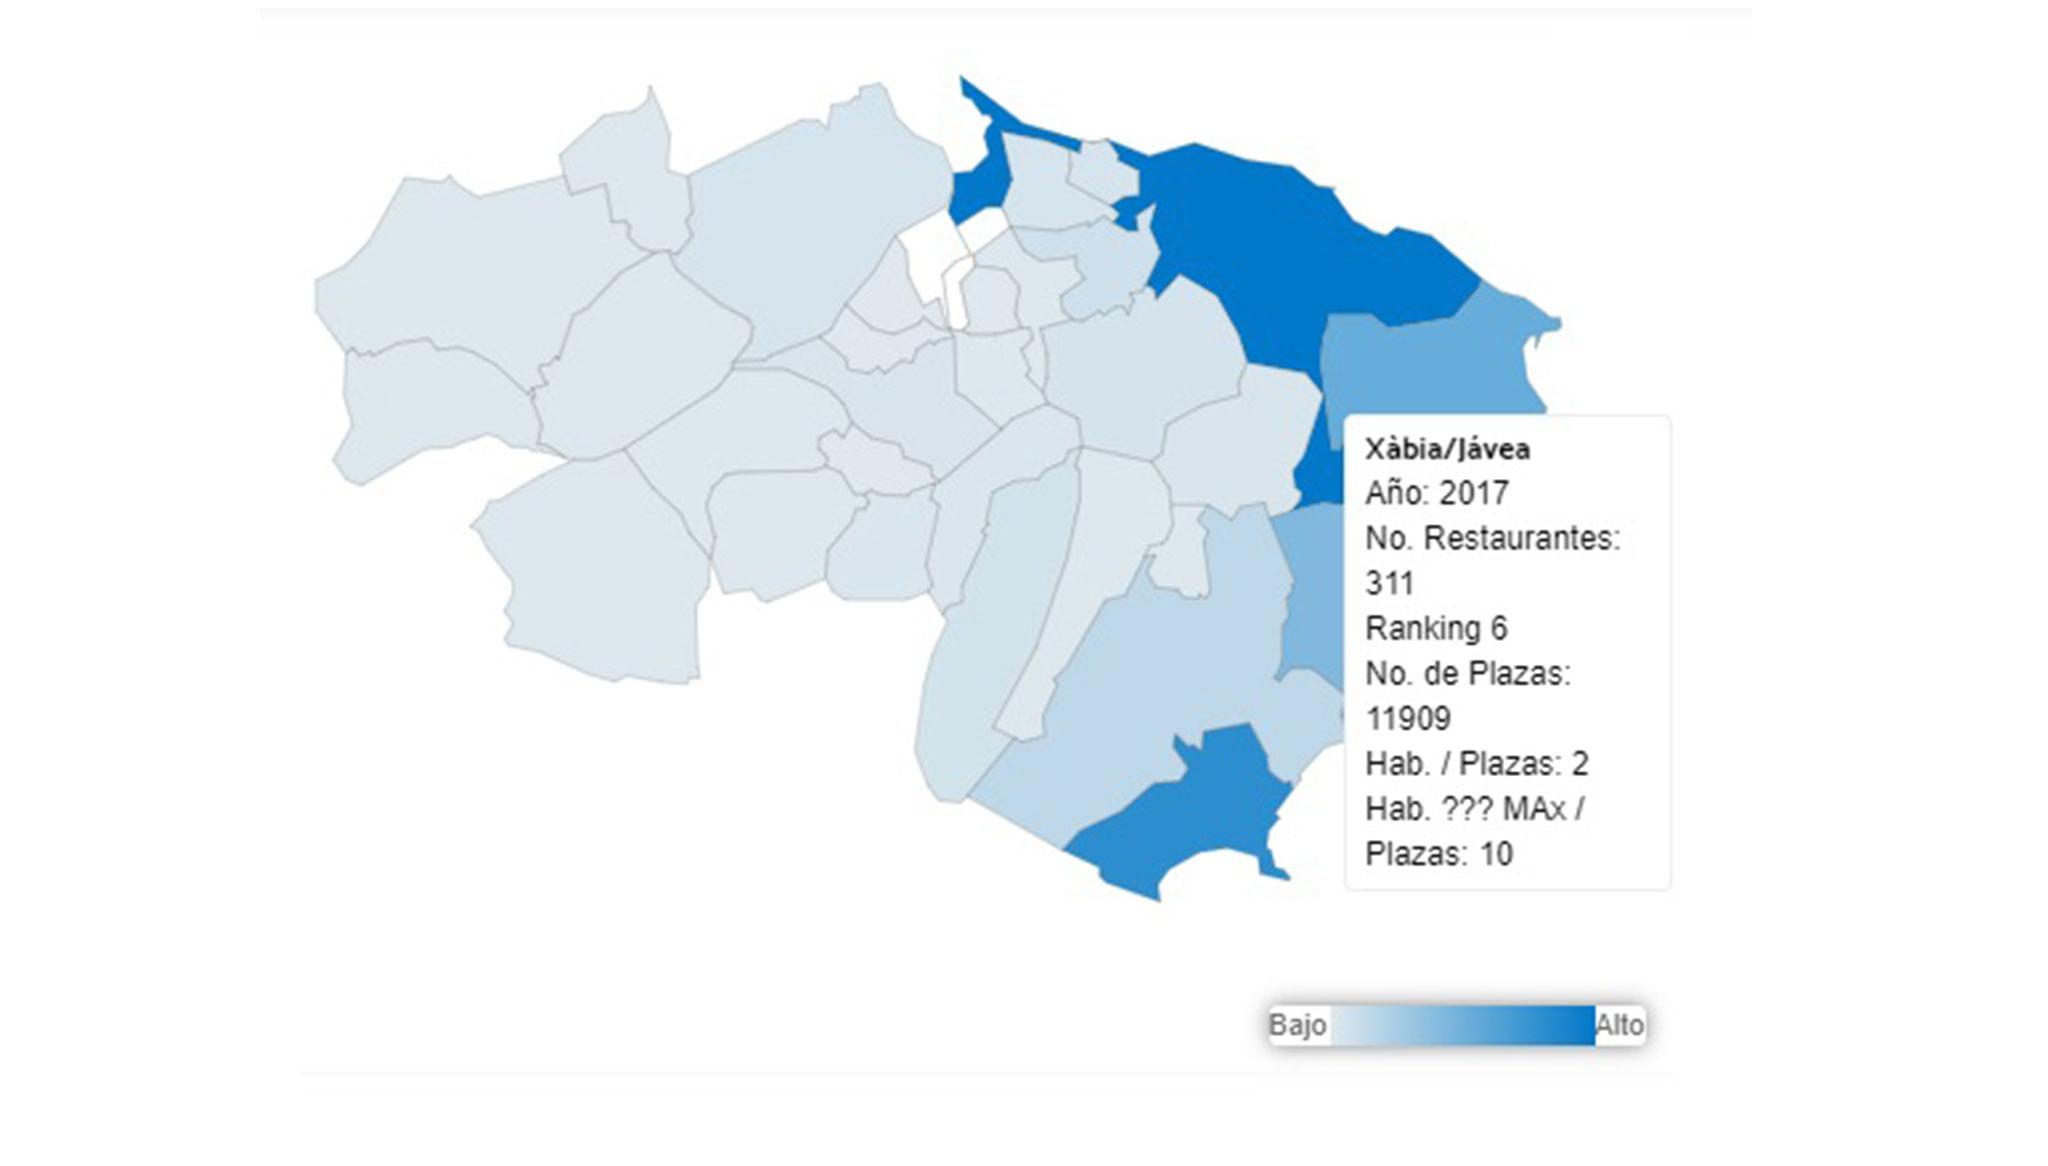 Número de restaurantes en Jávea a fecha de 2017, según L'Observatori